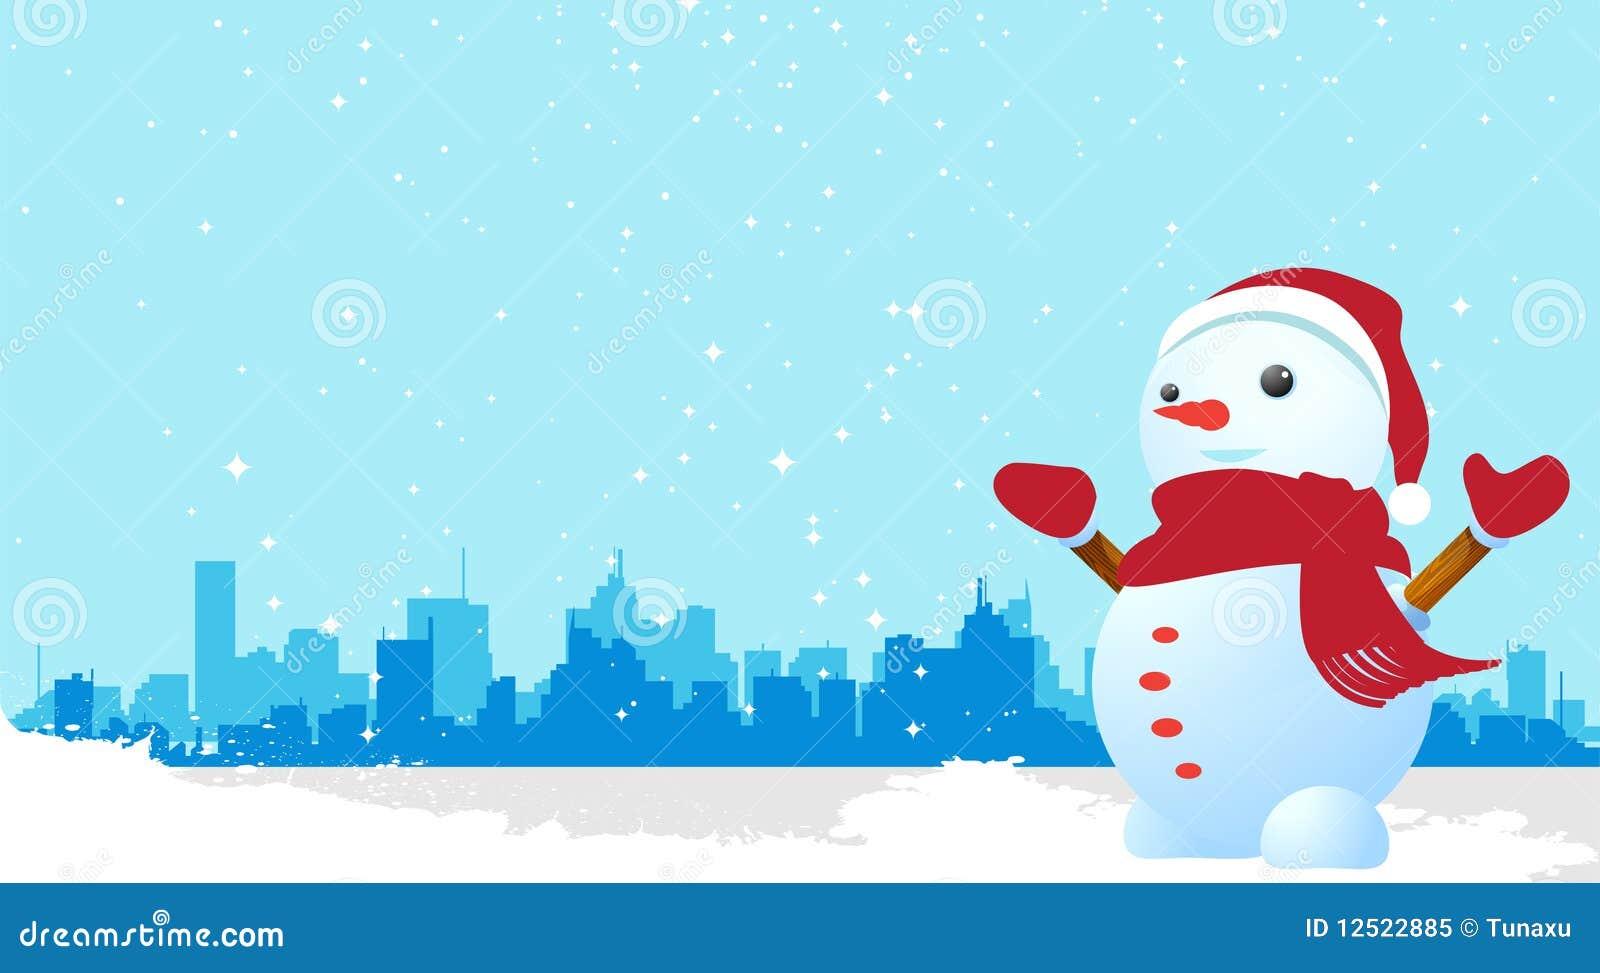 冬天动画背景图片